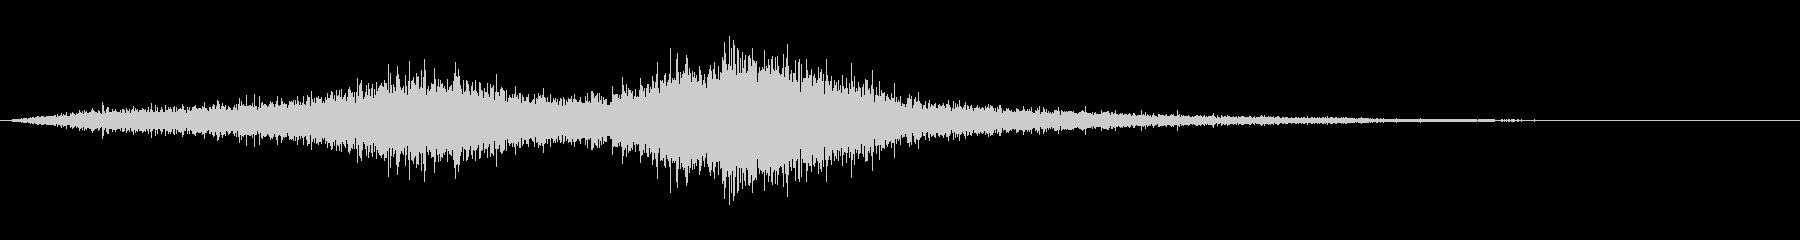 【生録音】 早朝の街 交通 環境音 4の未再生の波形